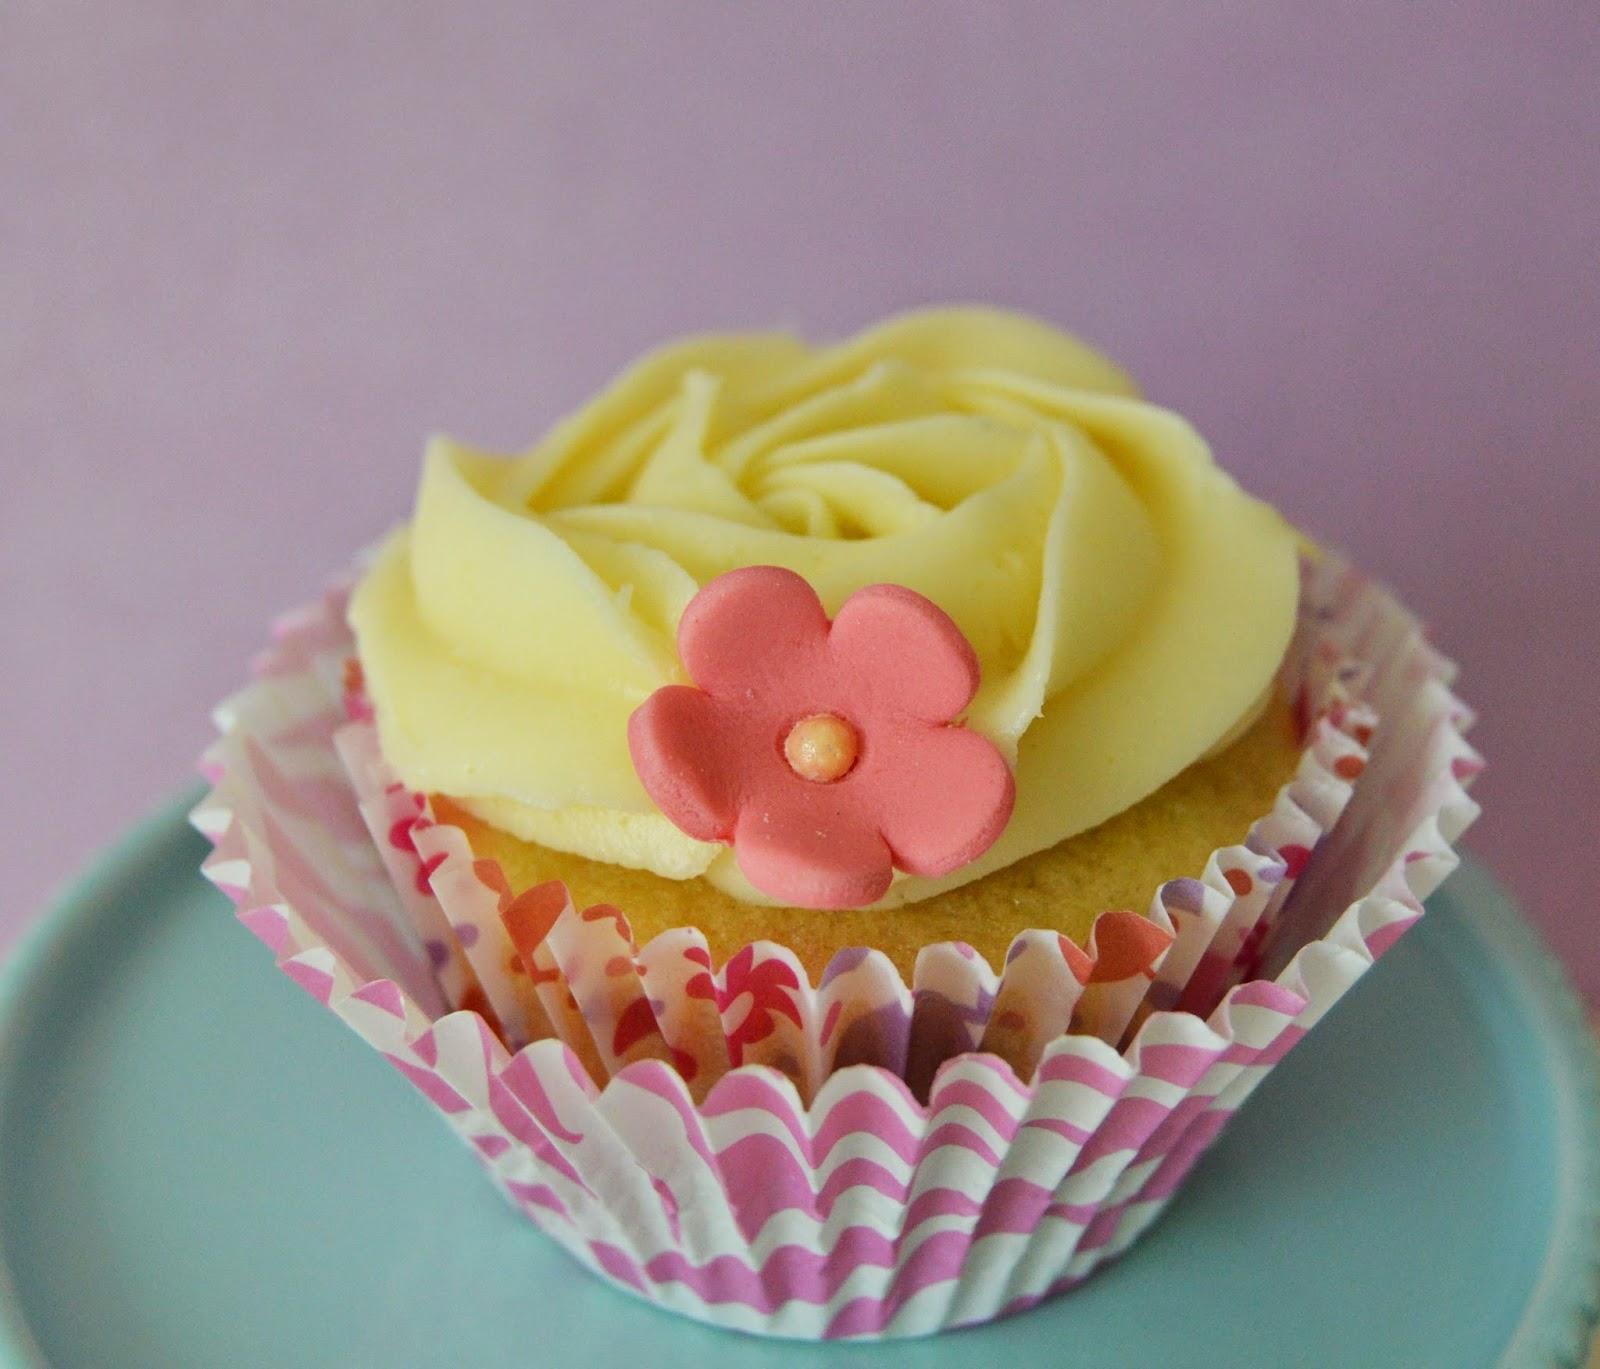 cupcakes-platano-nutella-mexico-df-amor